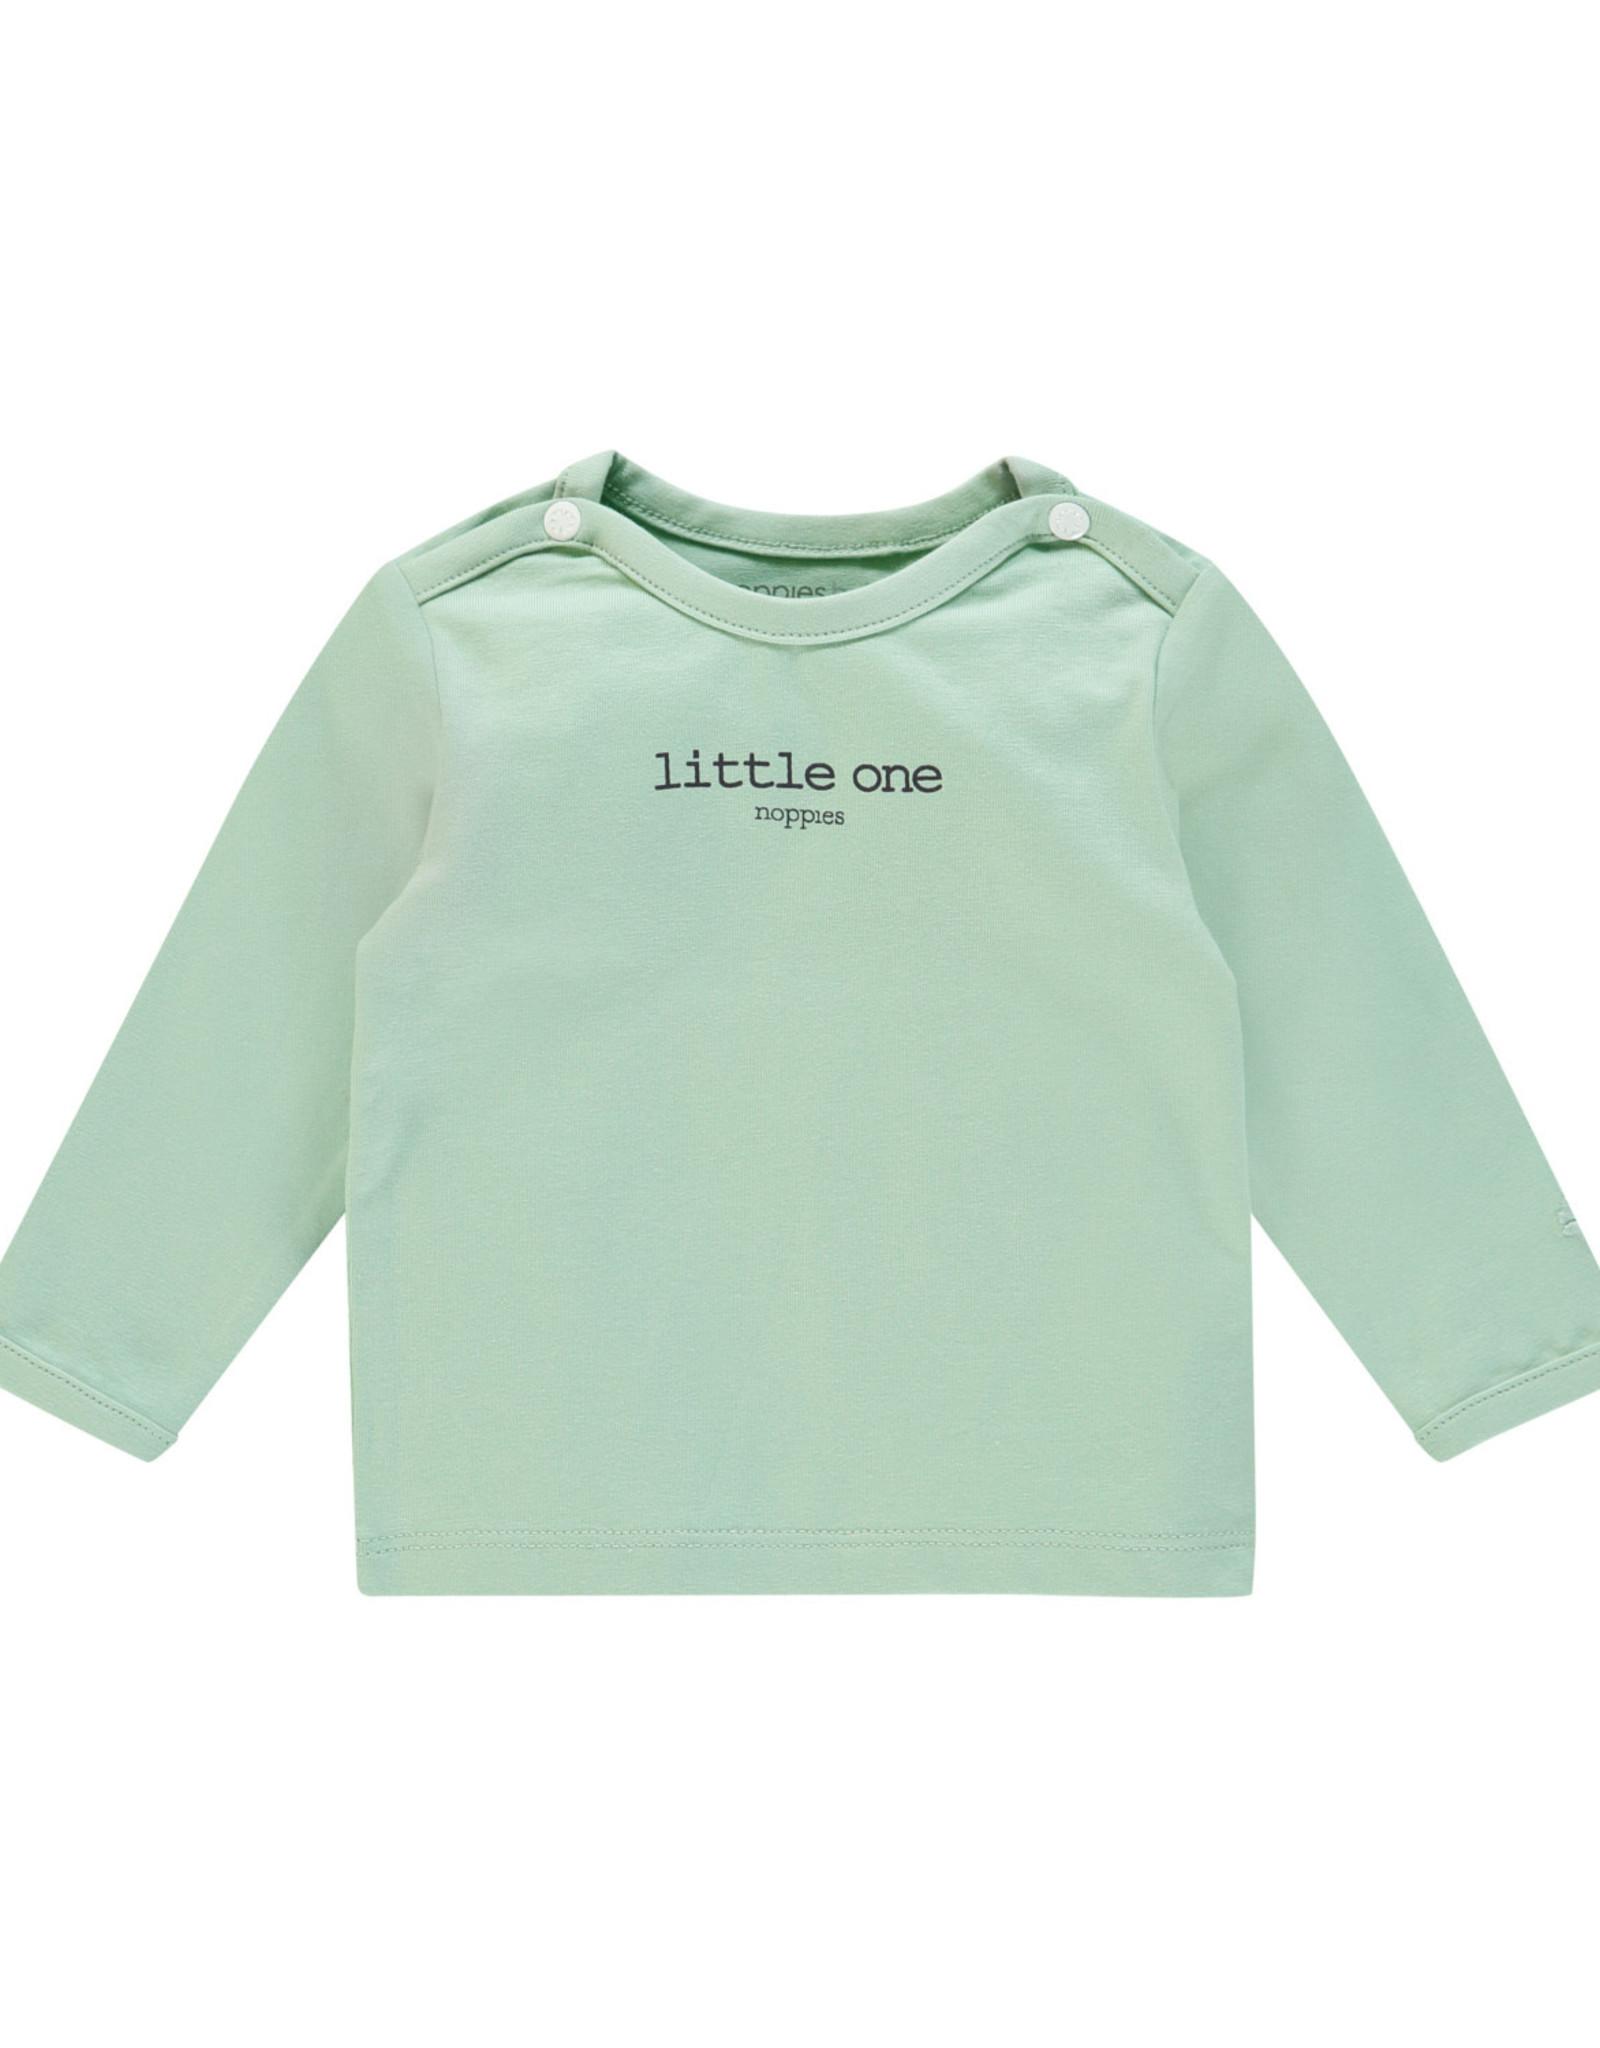 Noppies Noppies Lichtgroen Shirt Met Opdruk 'little one'